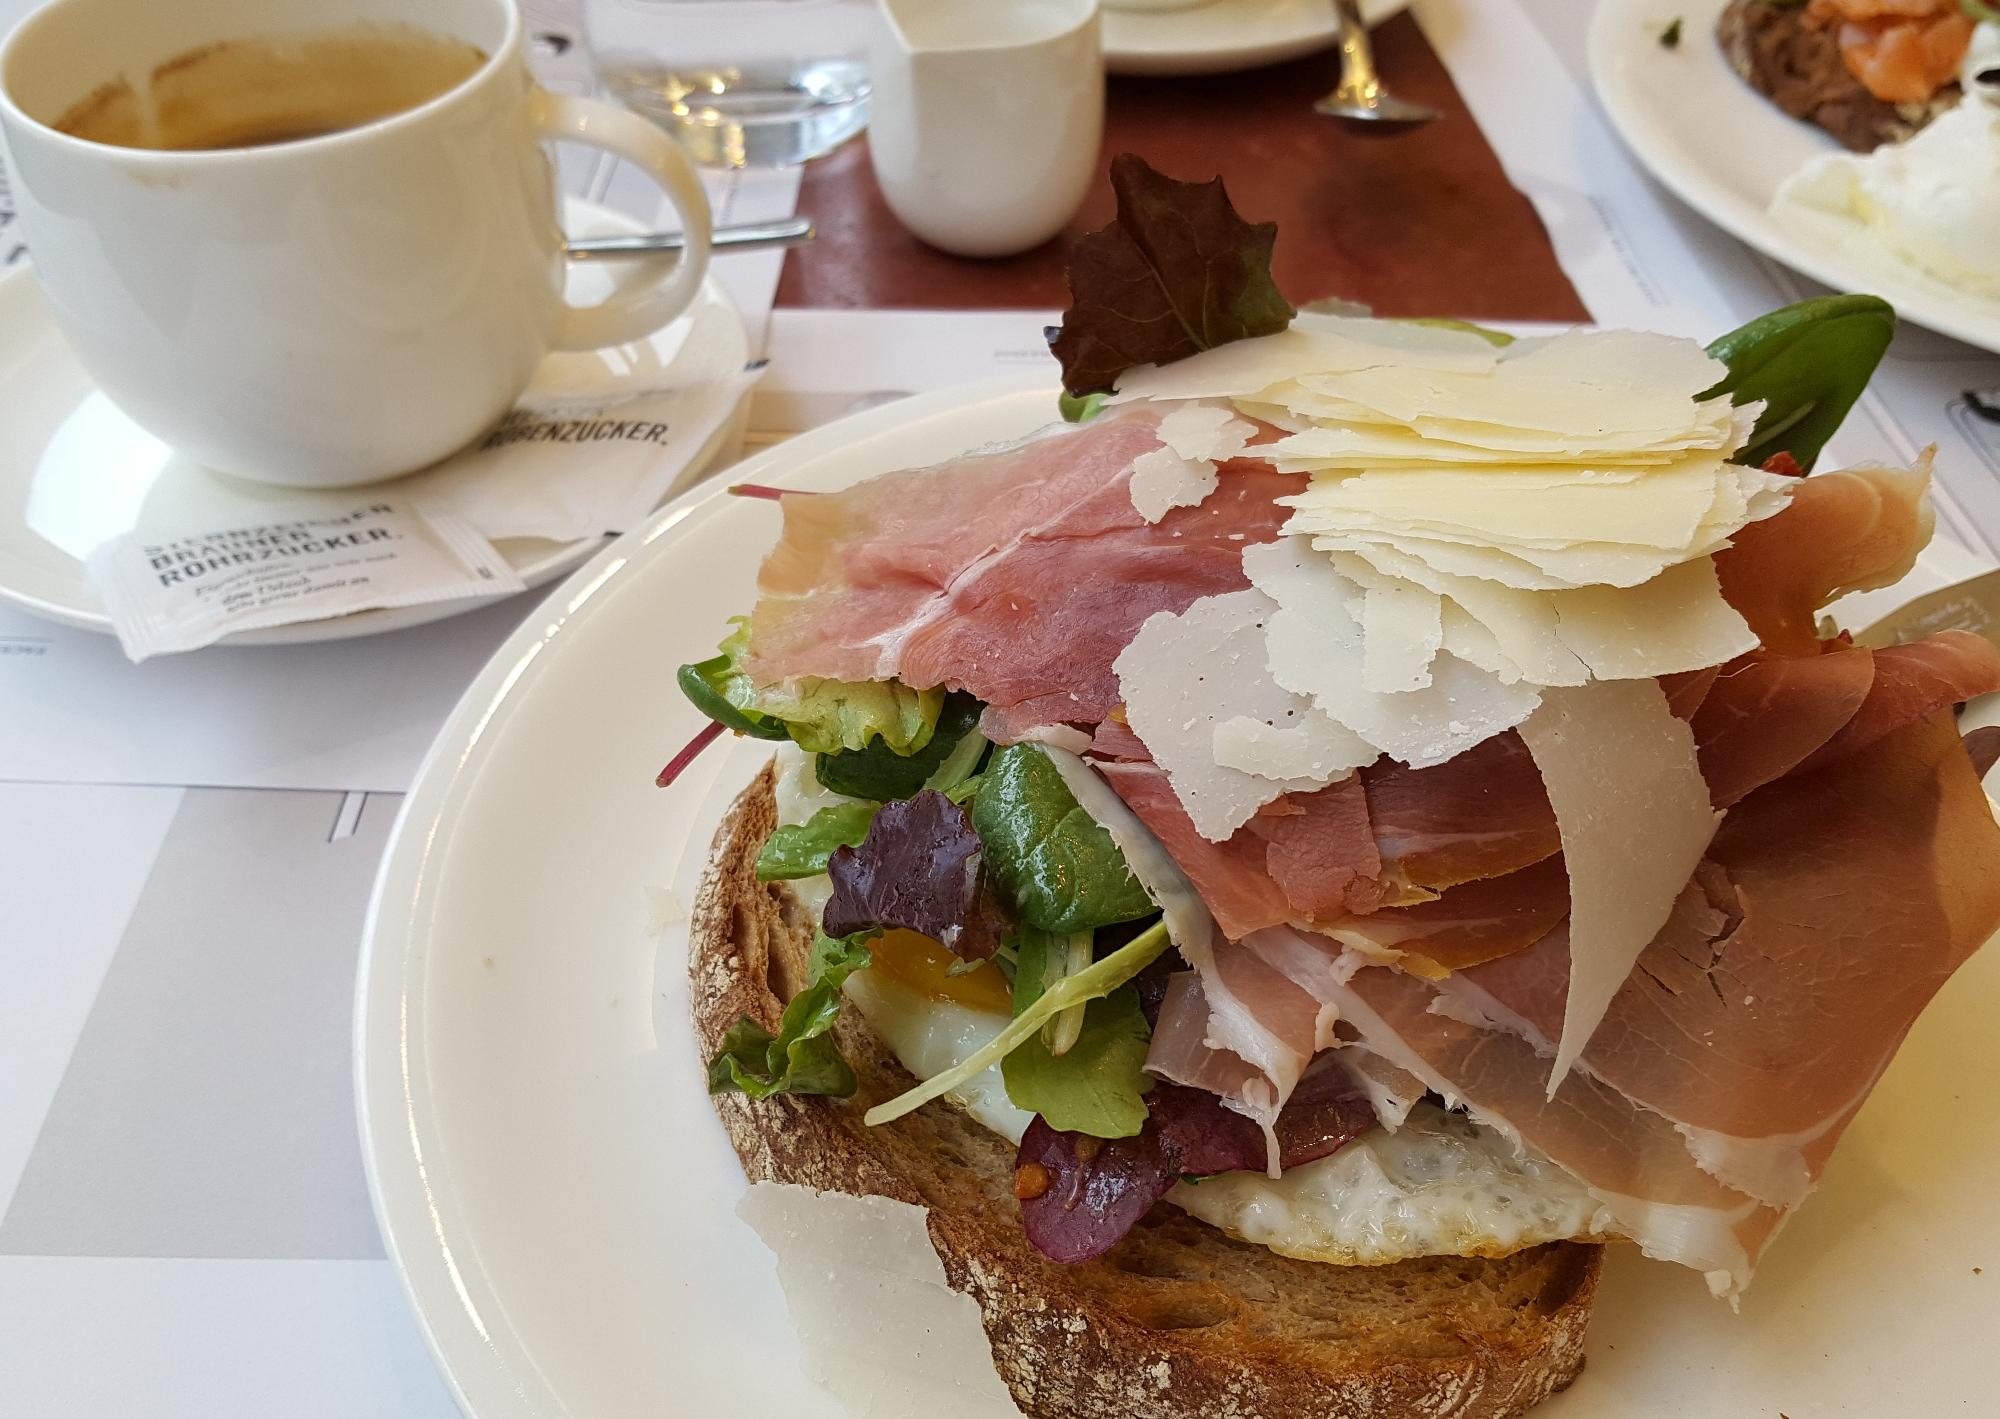 Italian breakfast at Josef's backerei, Vienna